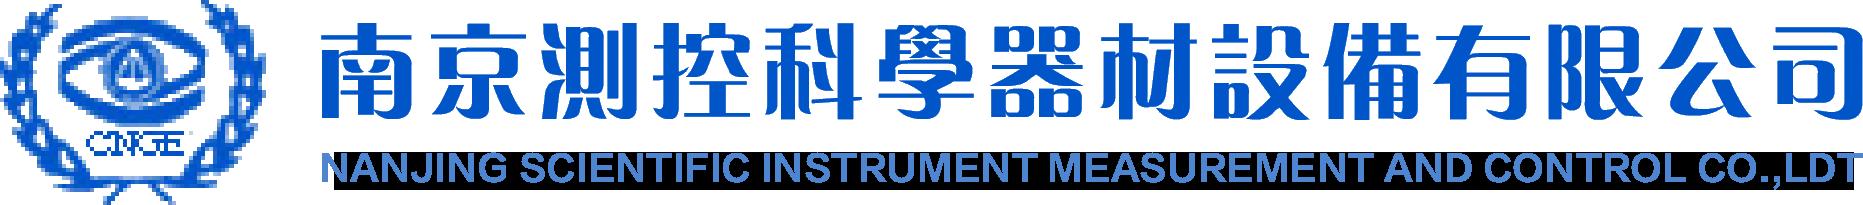 南京測控科學器材設備有限公司